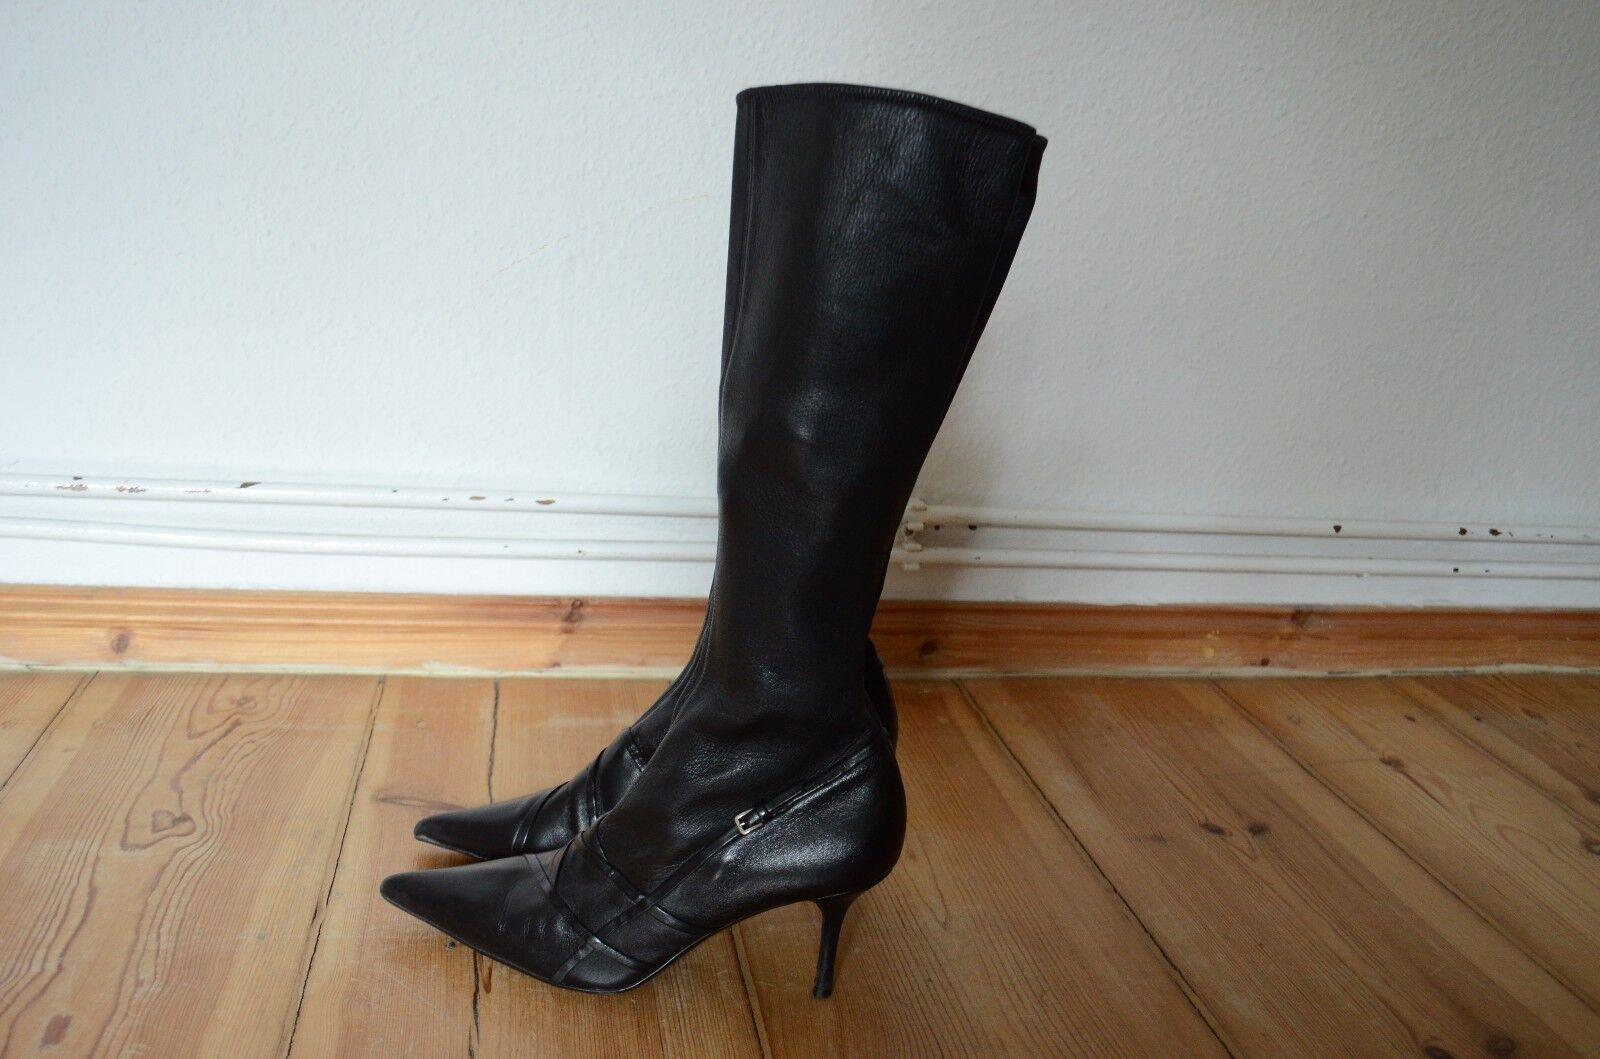 JIL SANDER schwarze Leder Stiefel 40 Stiletto Absätze aufsehenerregend